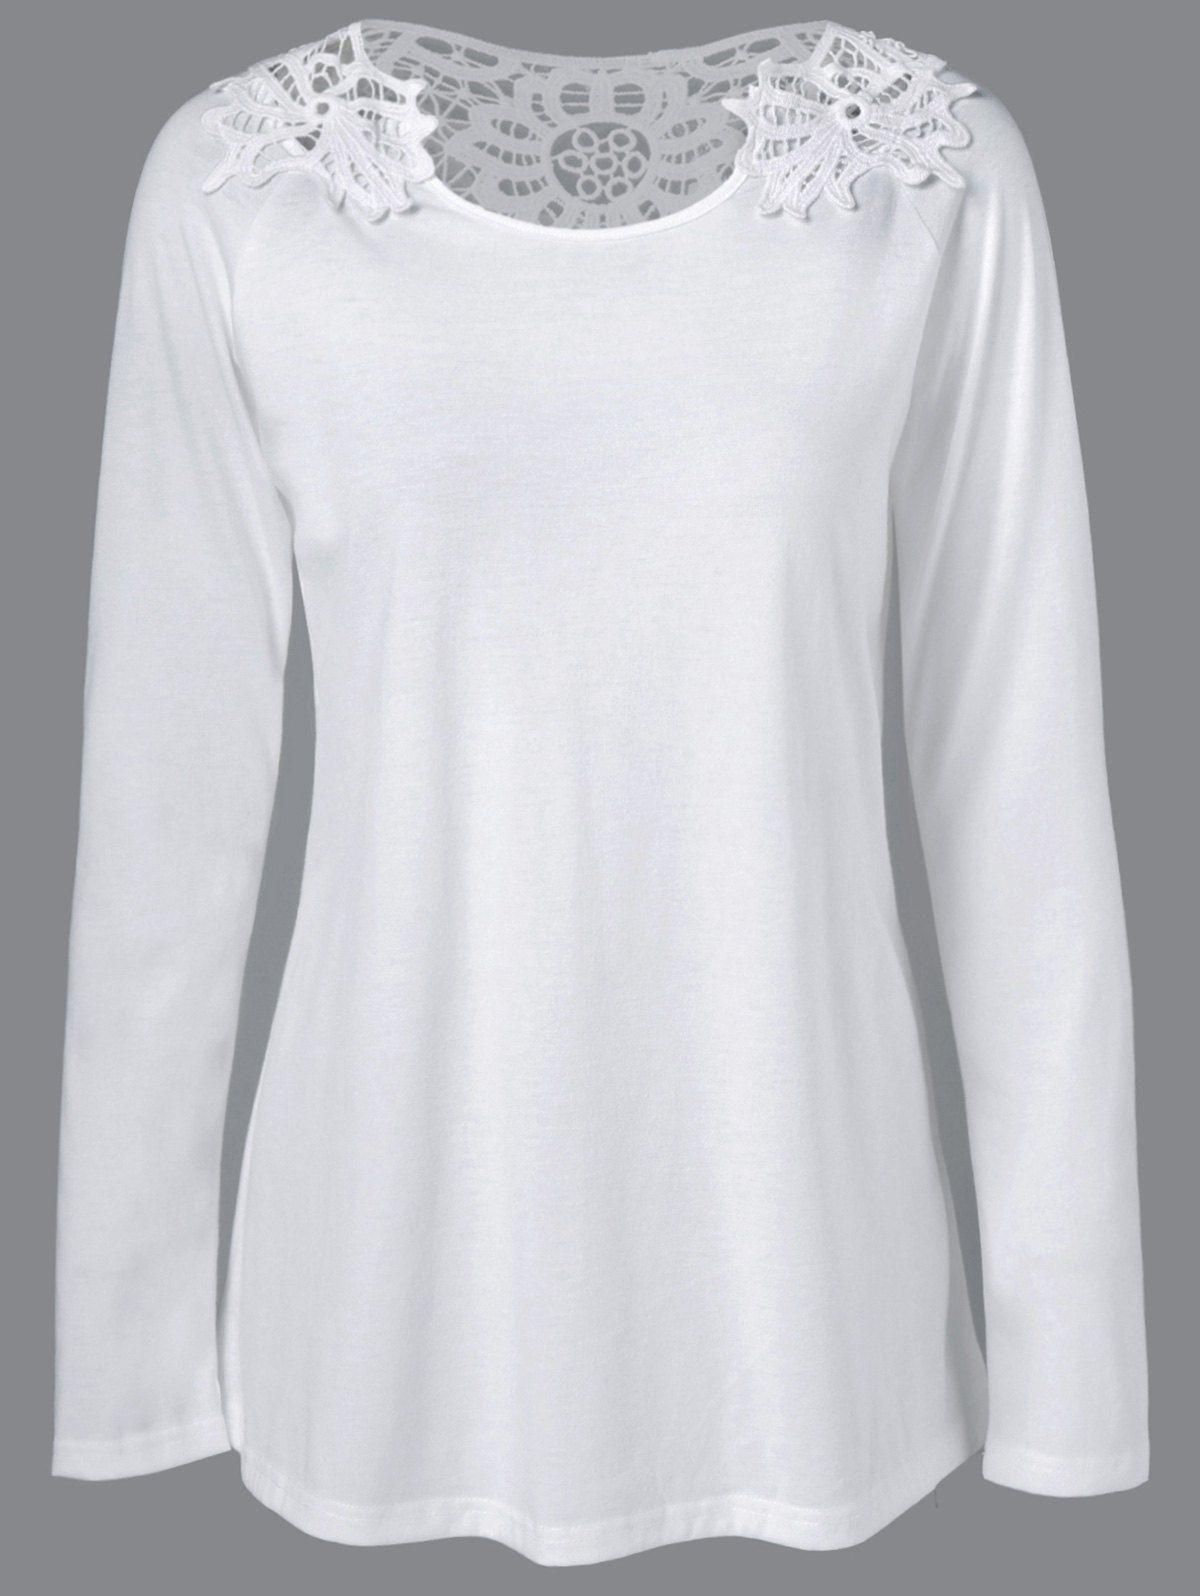 ee5c387aaf349 Openwork Design Raglan Sleeve T-Shirt